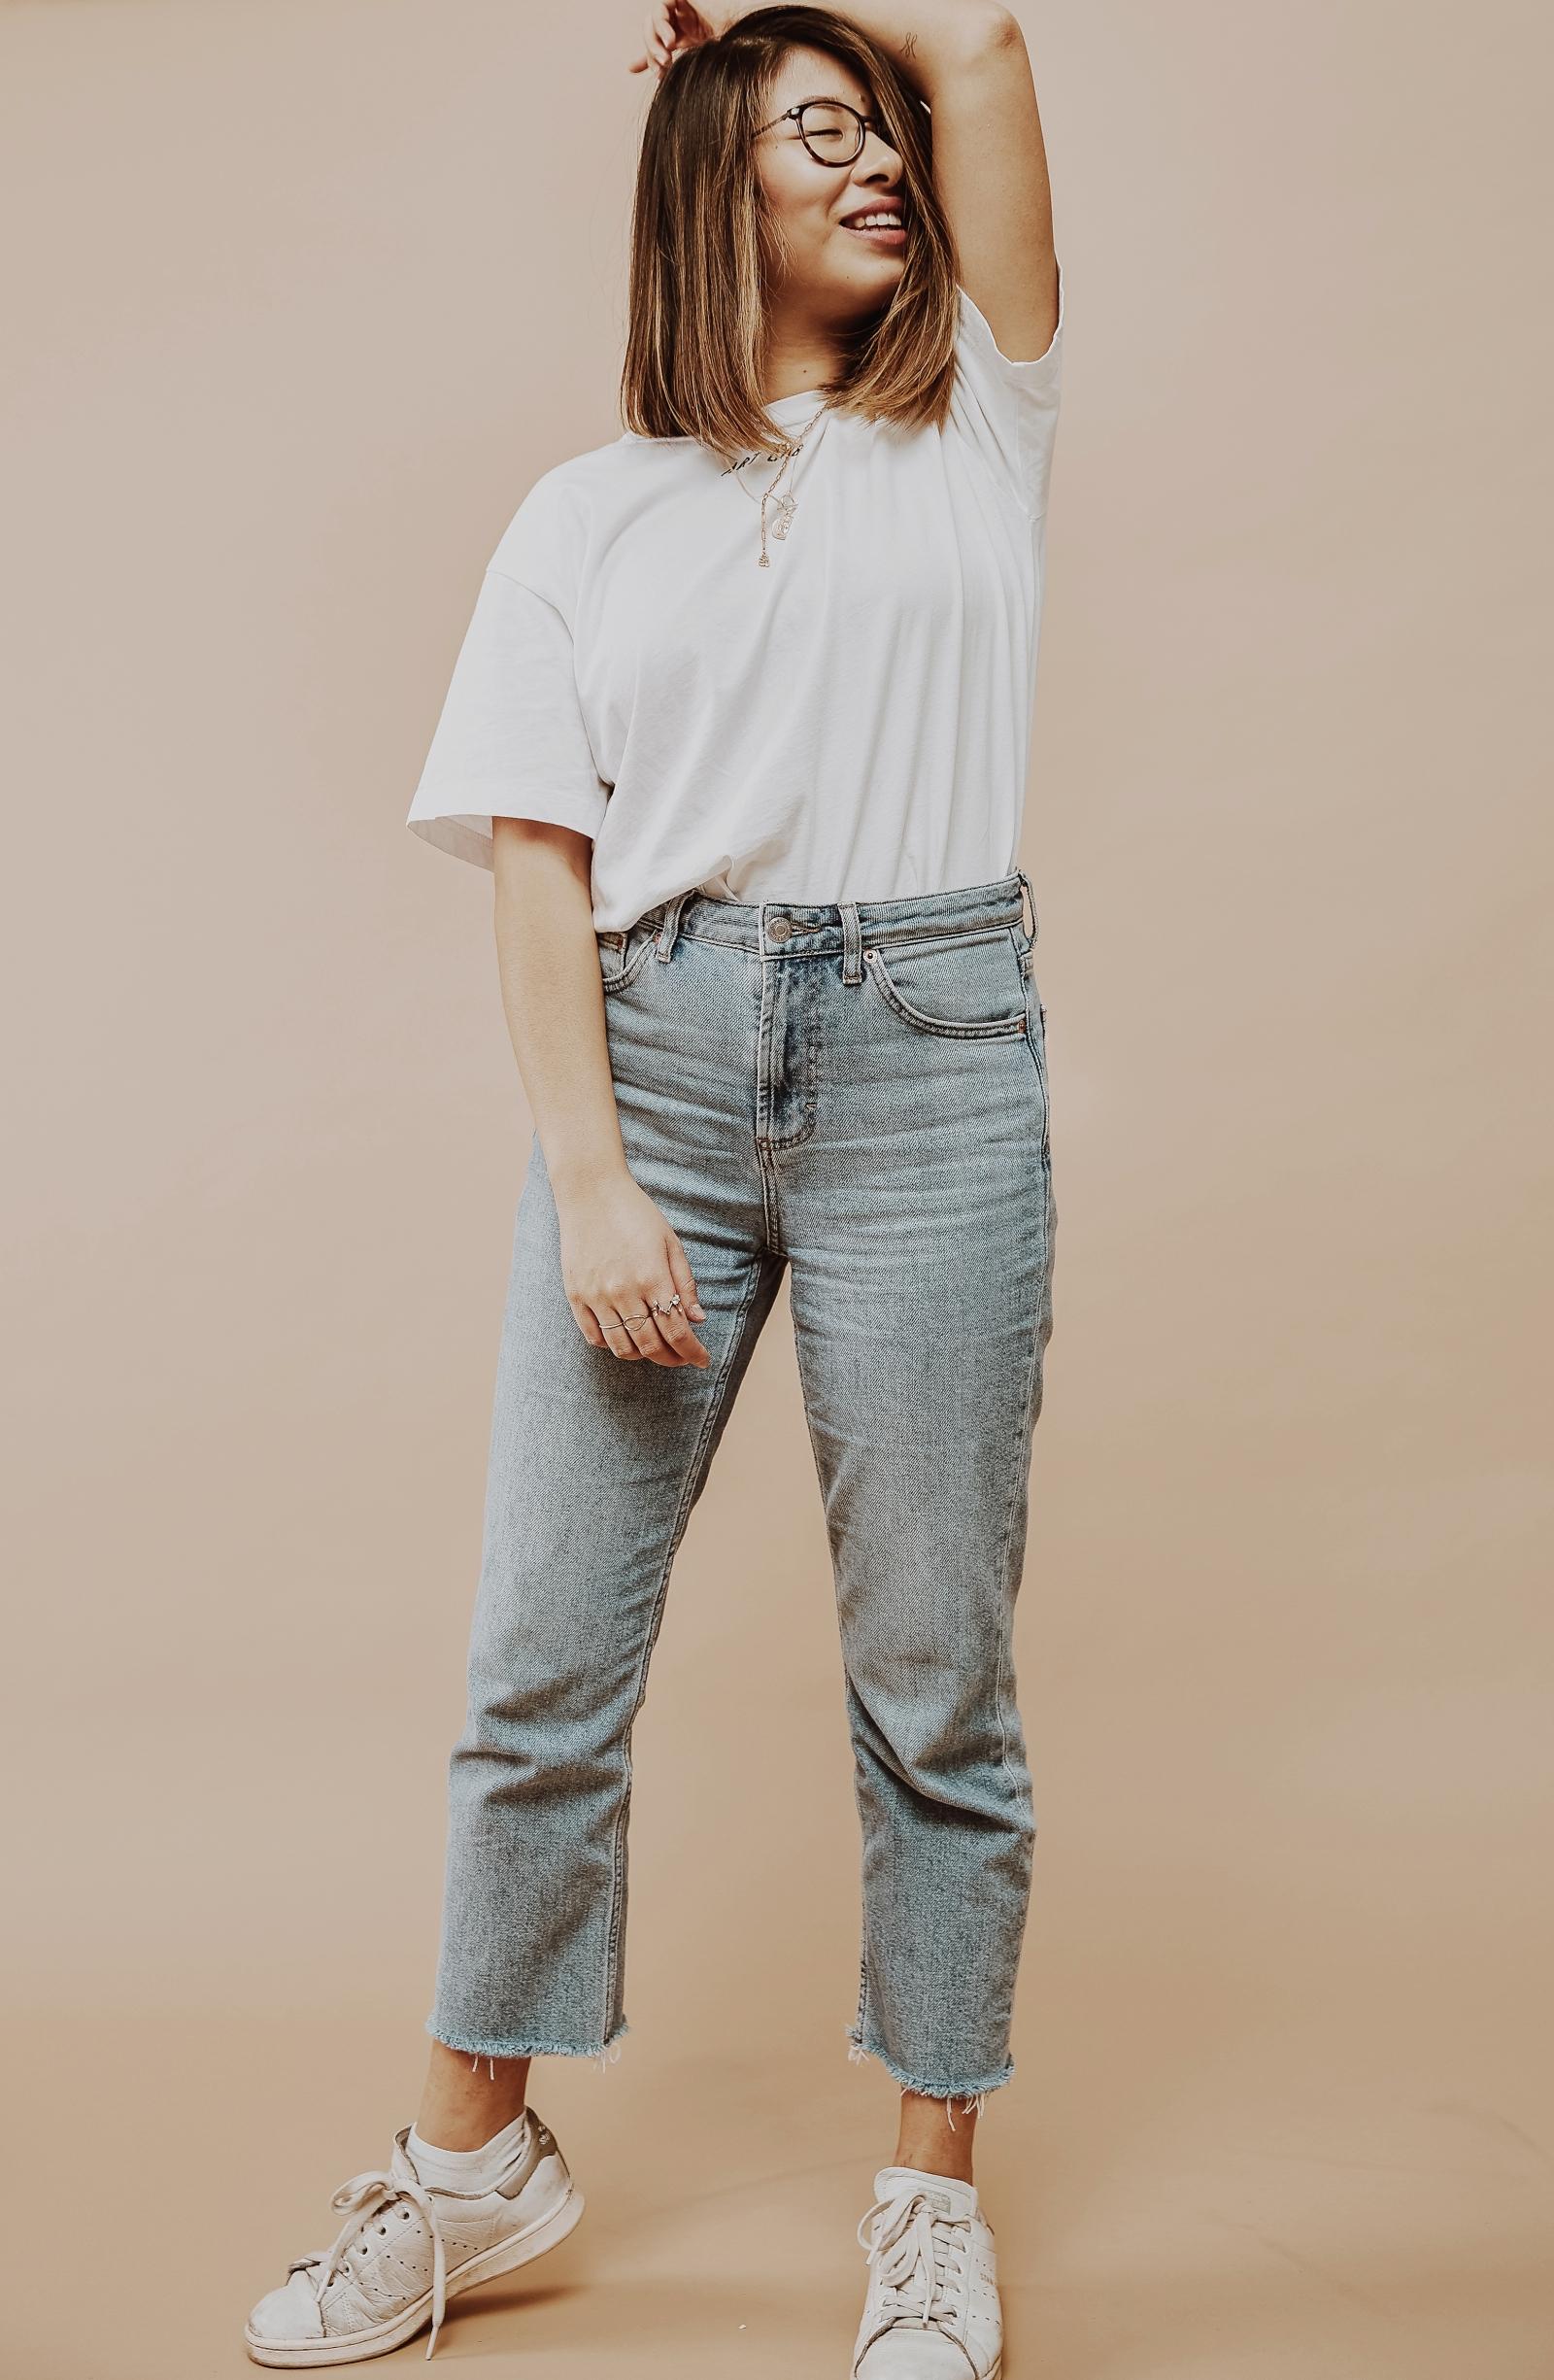 inhighfashionlaune | Jeans Guide: die perfekten Jeans für kleine Frauen